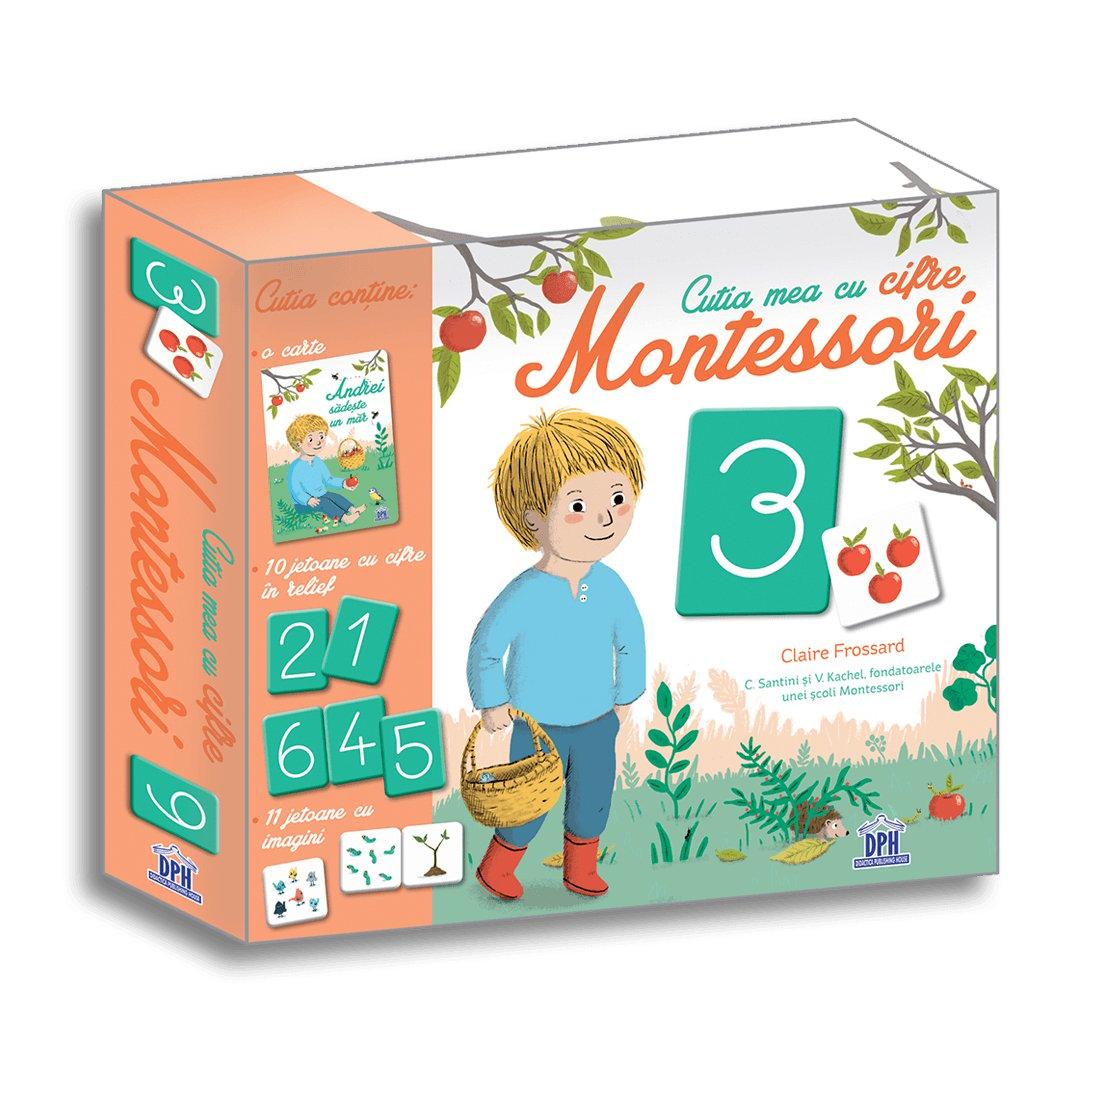 Cutia mea cu cifre Montessori, Editura DPH imagine 2021